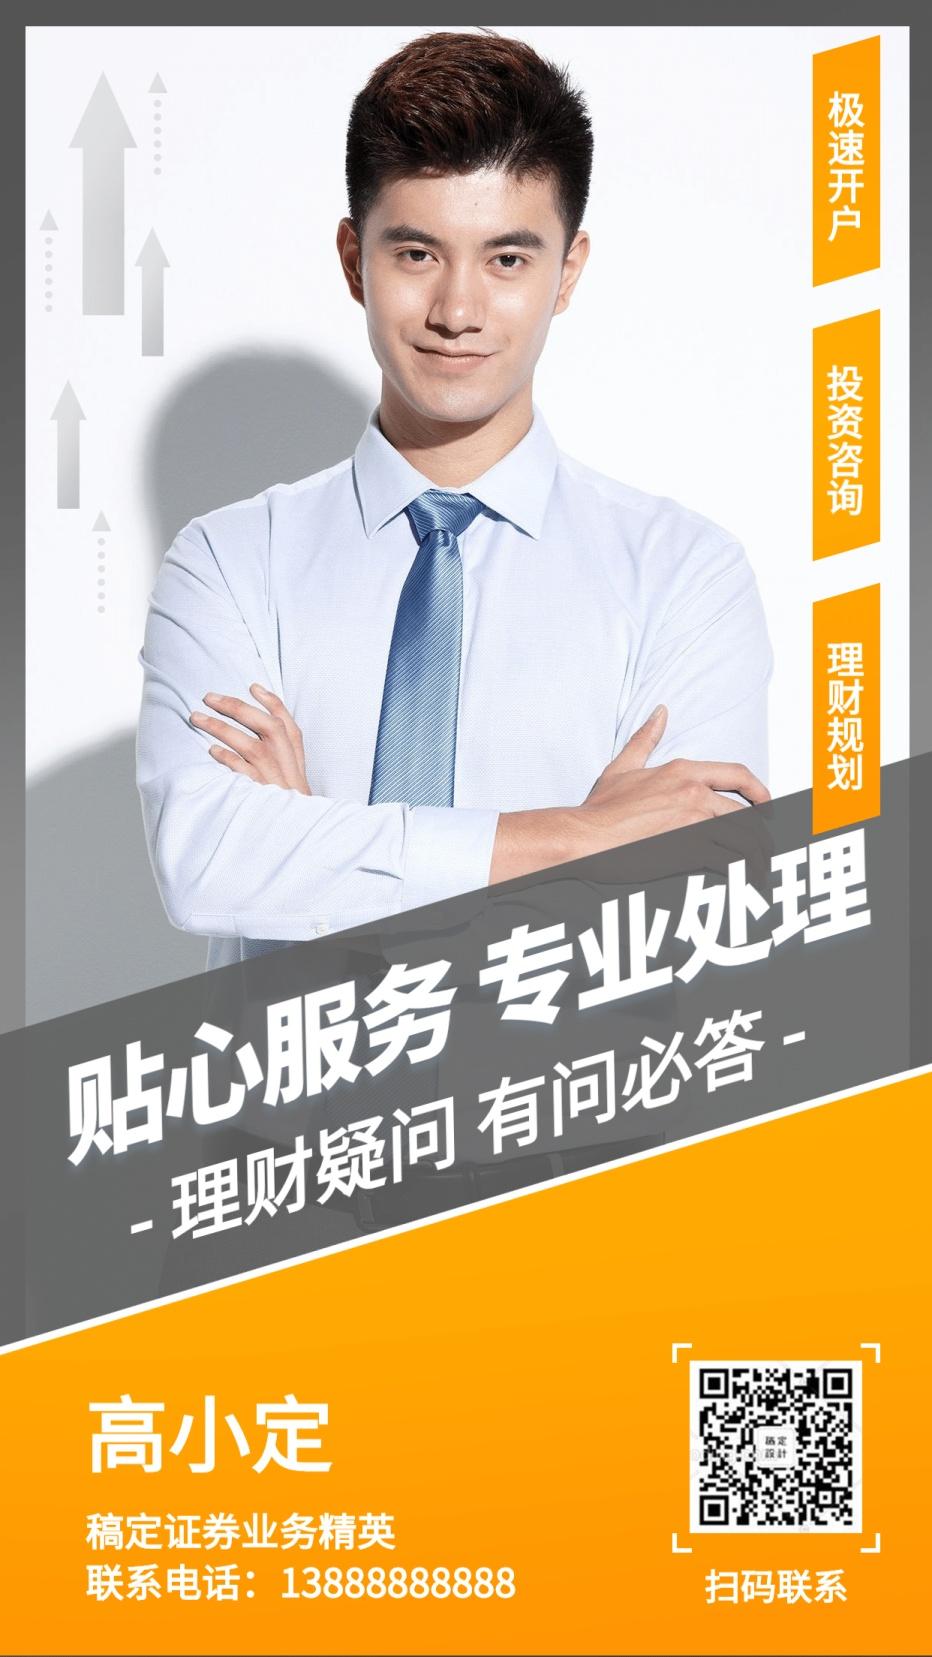 开户金融理财商务社交名片海报